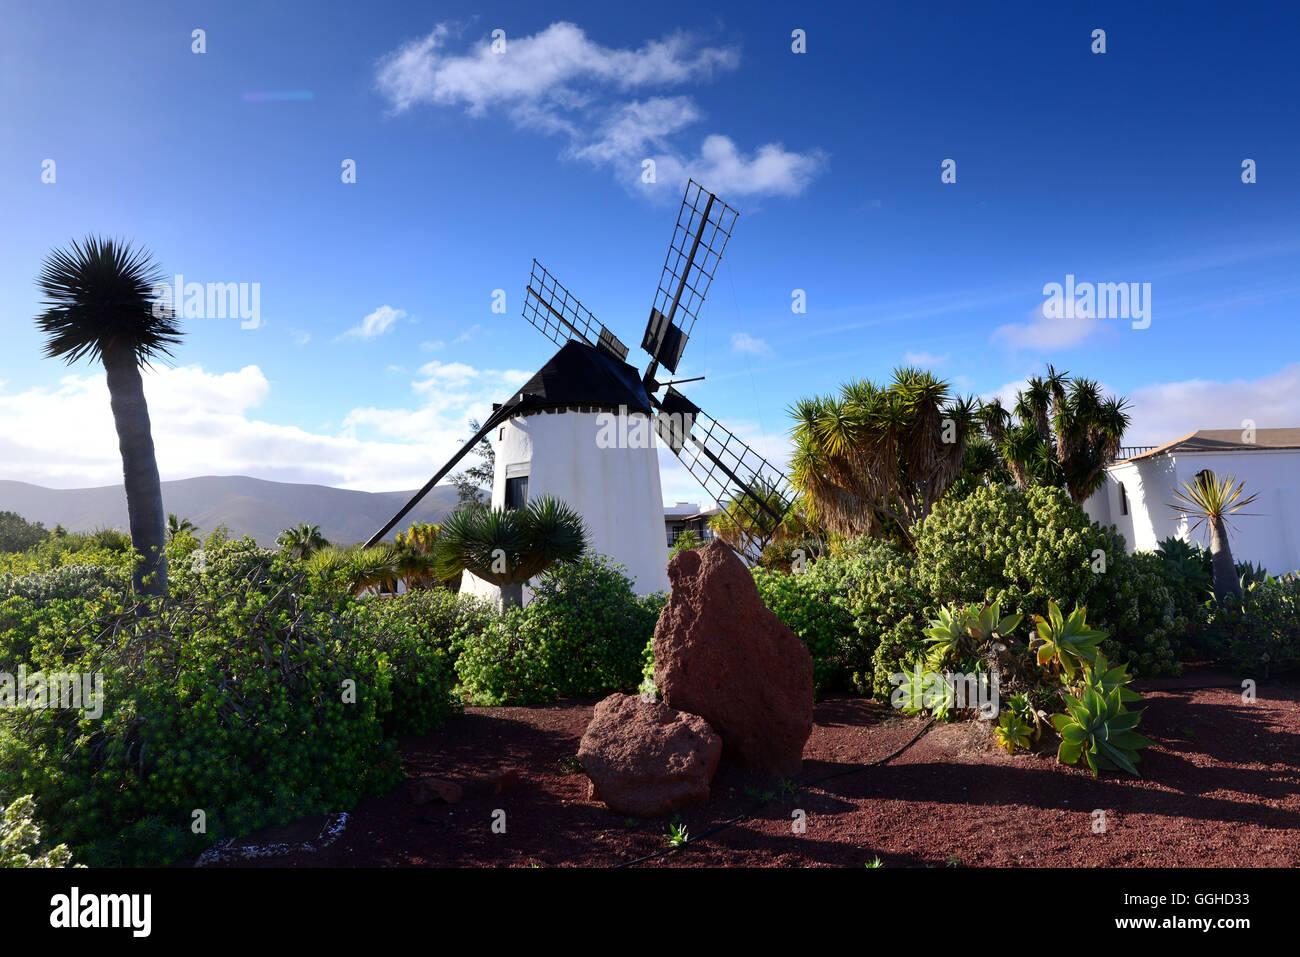 Mühle in der Nähe von Antigua, Fuerteventura, Kanarische Inseln, Spanien Stockbild